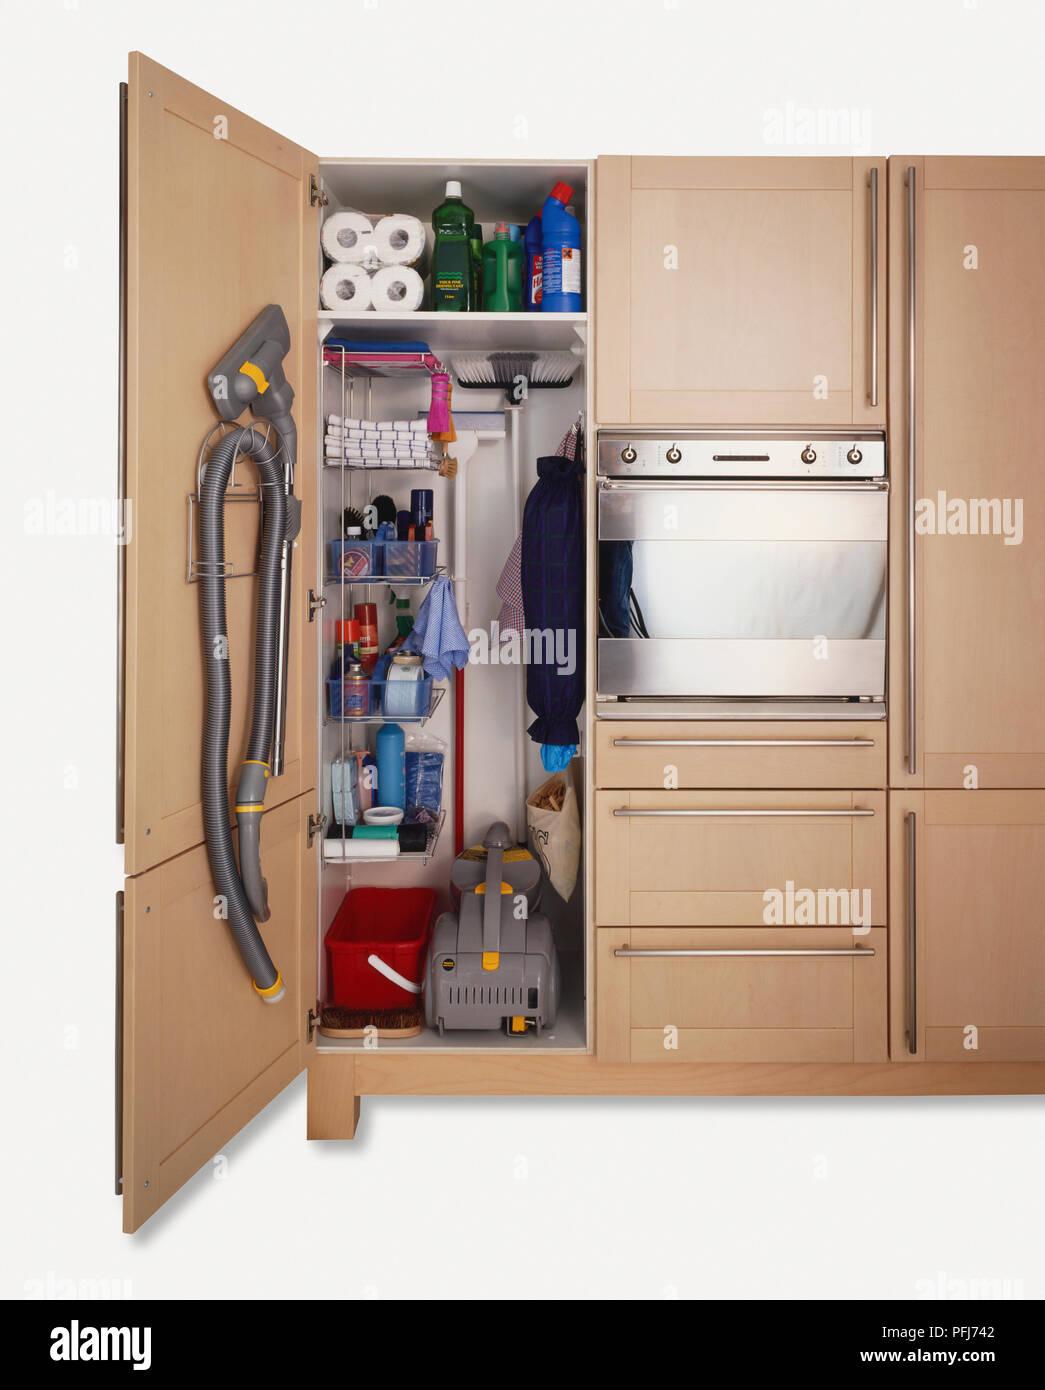 Nettoyer Les Placards De Cuisine placard de nettoyage meuble de cuisine, aspirateur, balai